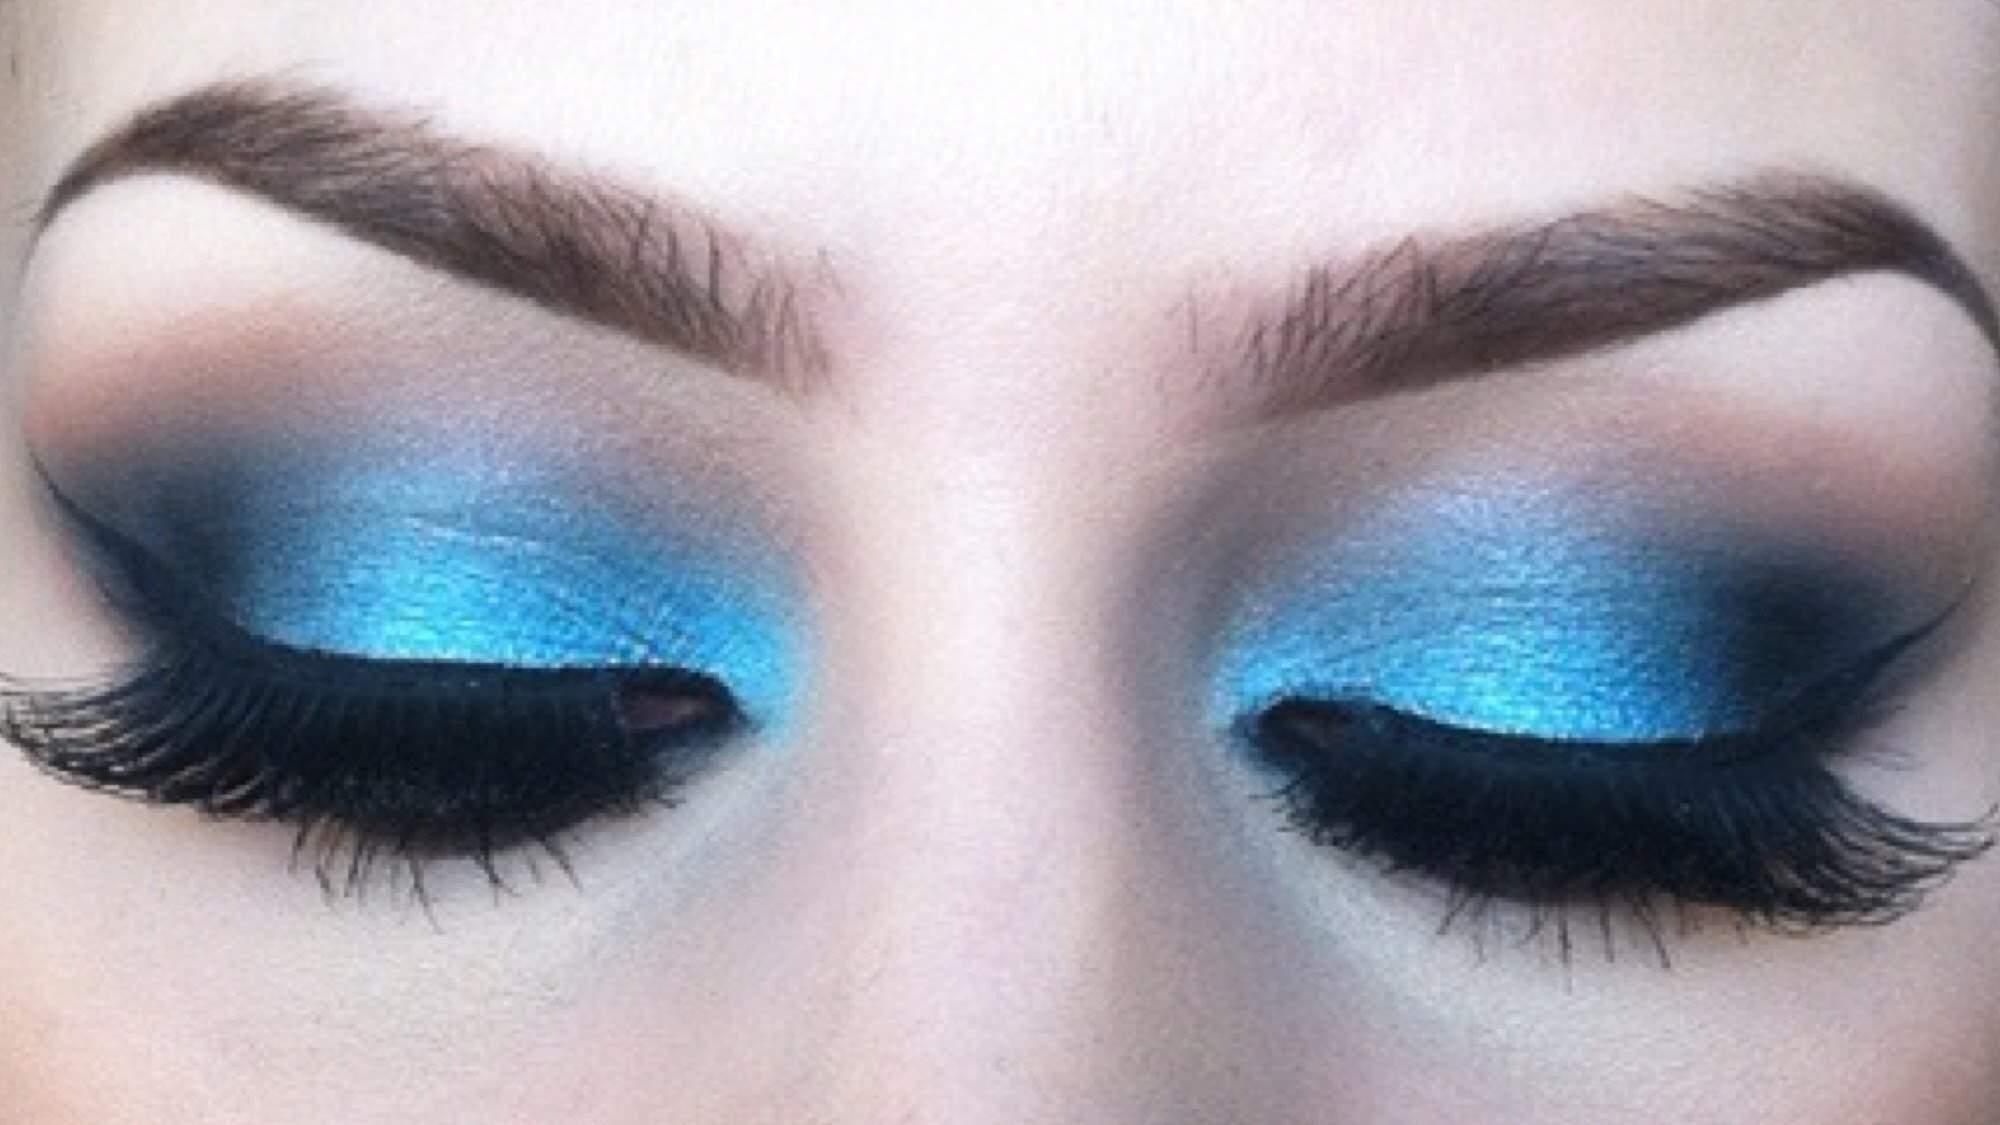 آبی، رنگ منتخب برای آرایش سایه چشم در بهار و تابستان ۲۰۱۸